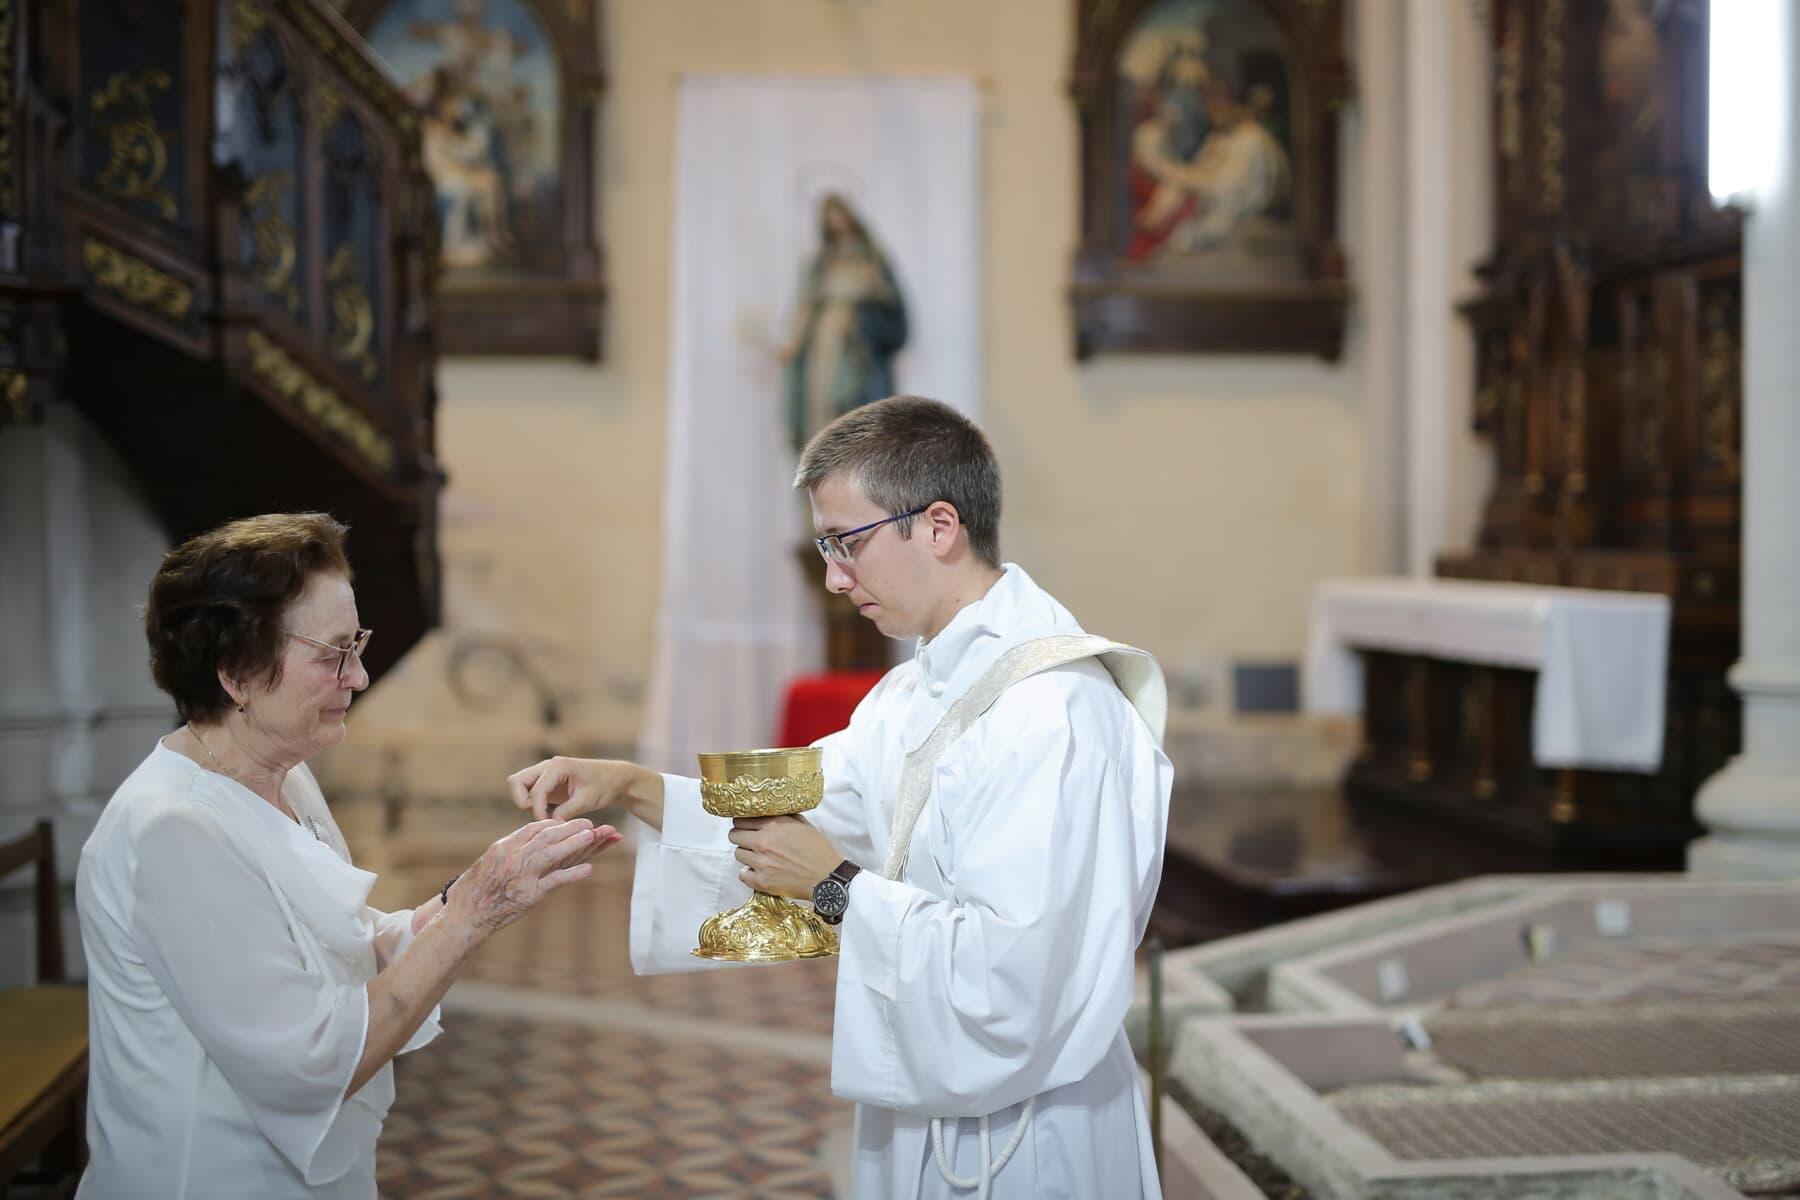 heilige Kommunion, Priester, kathedrale, Gebet, katholische, Taufe, Frau, ältere Menschen, Christentum, Menschen, drinnen